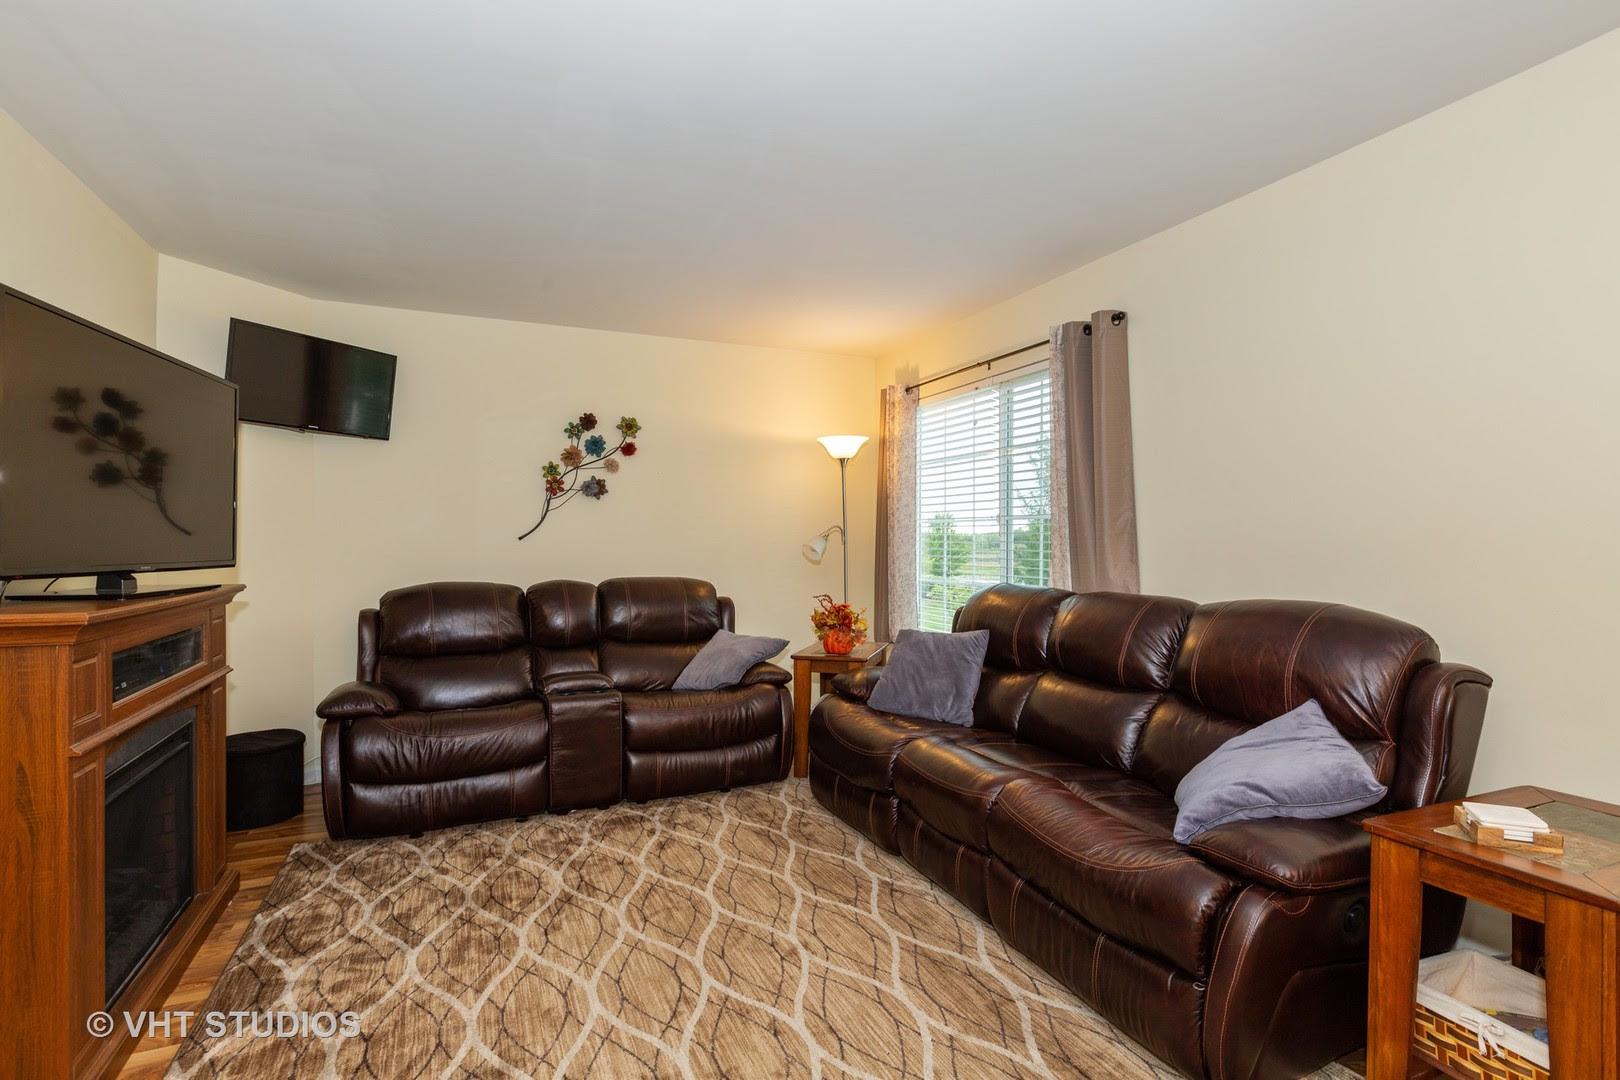 View Property 3105 Shenandoah Lane, Woodstock, IL 60098 ...